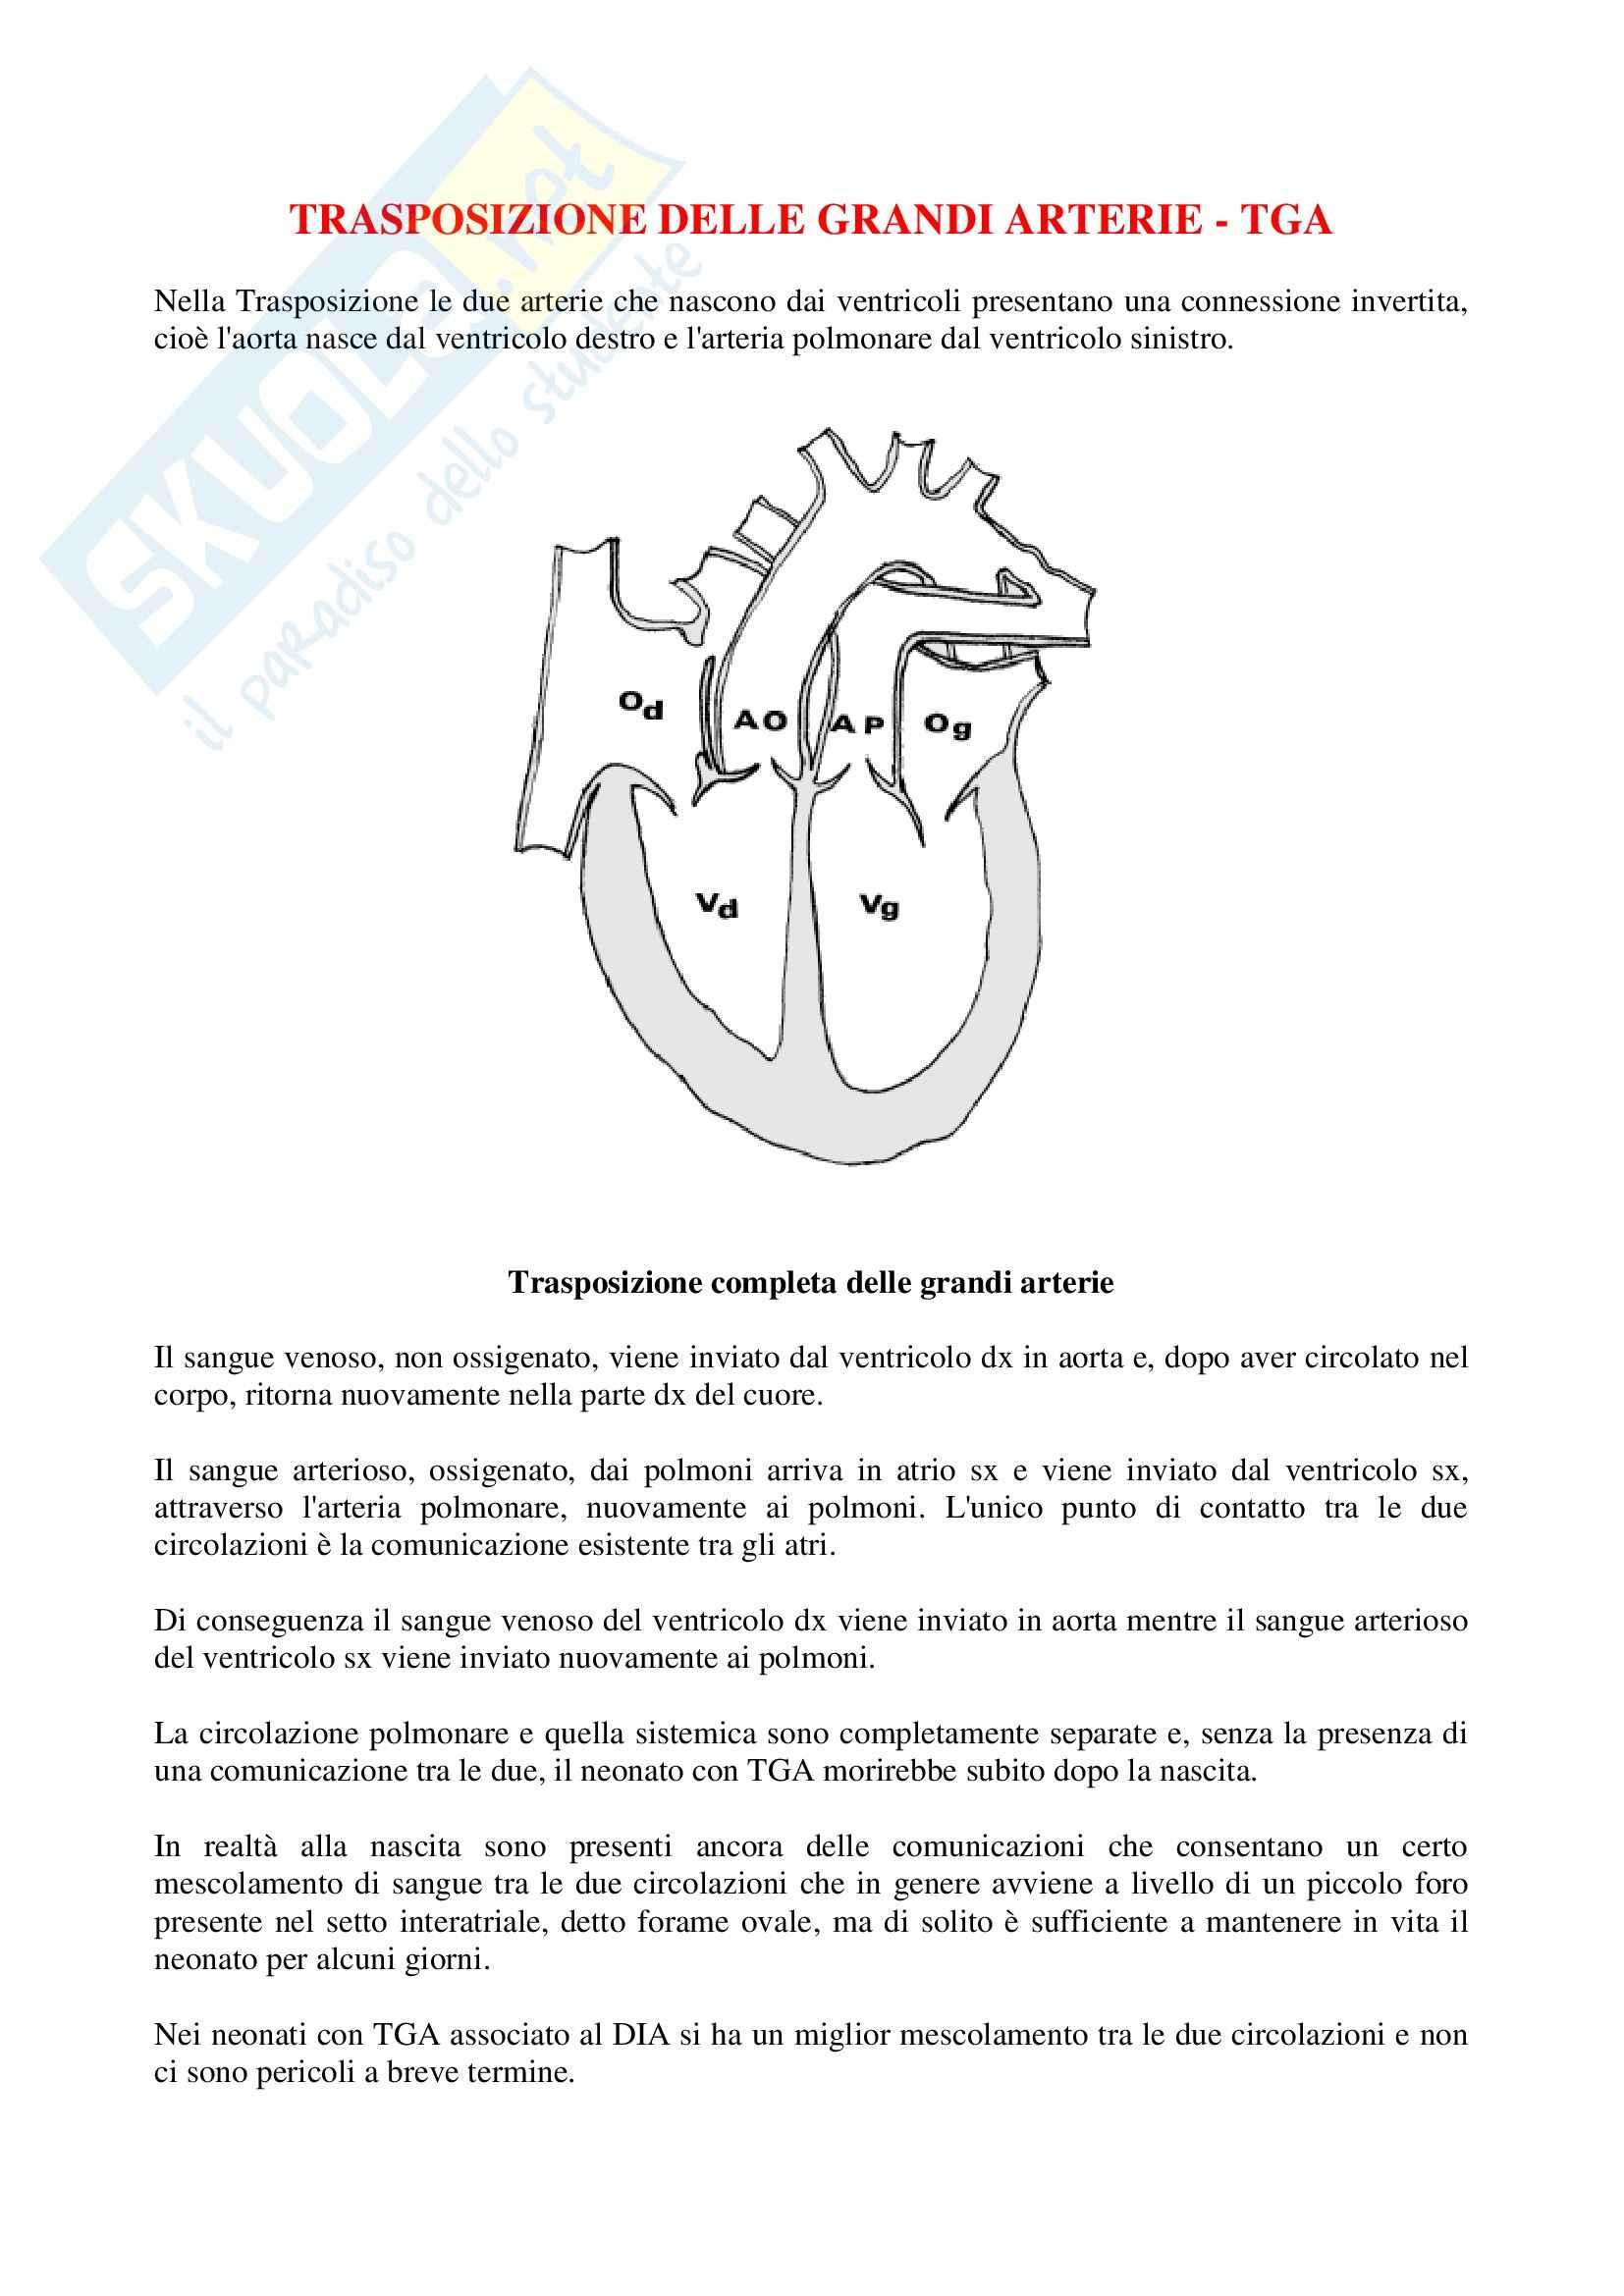 Cardiochirurgia - TGA e DIA